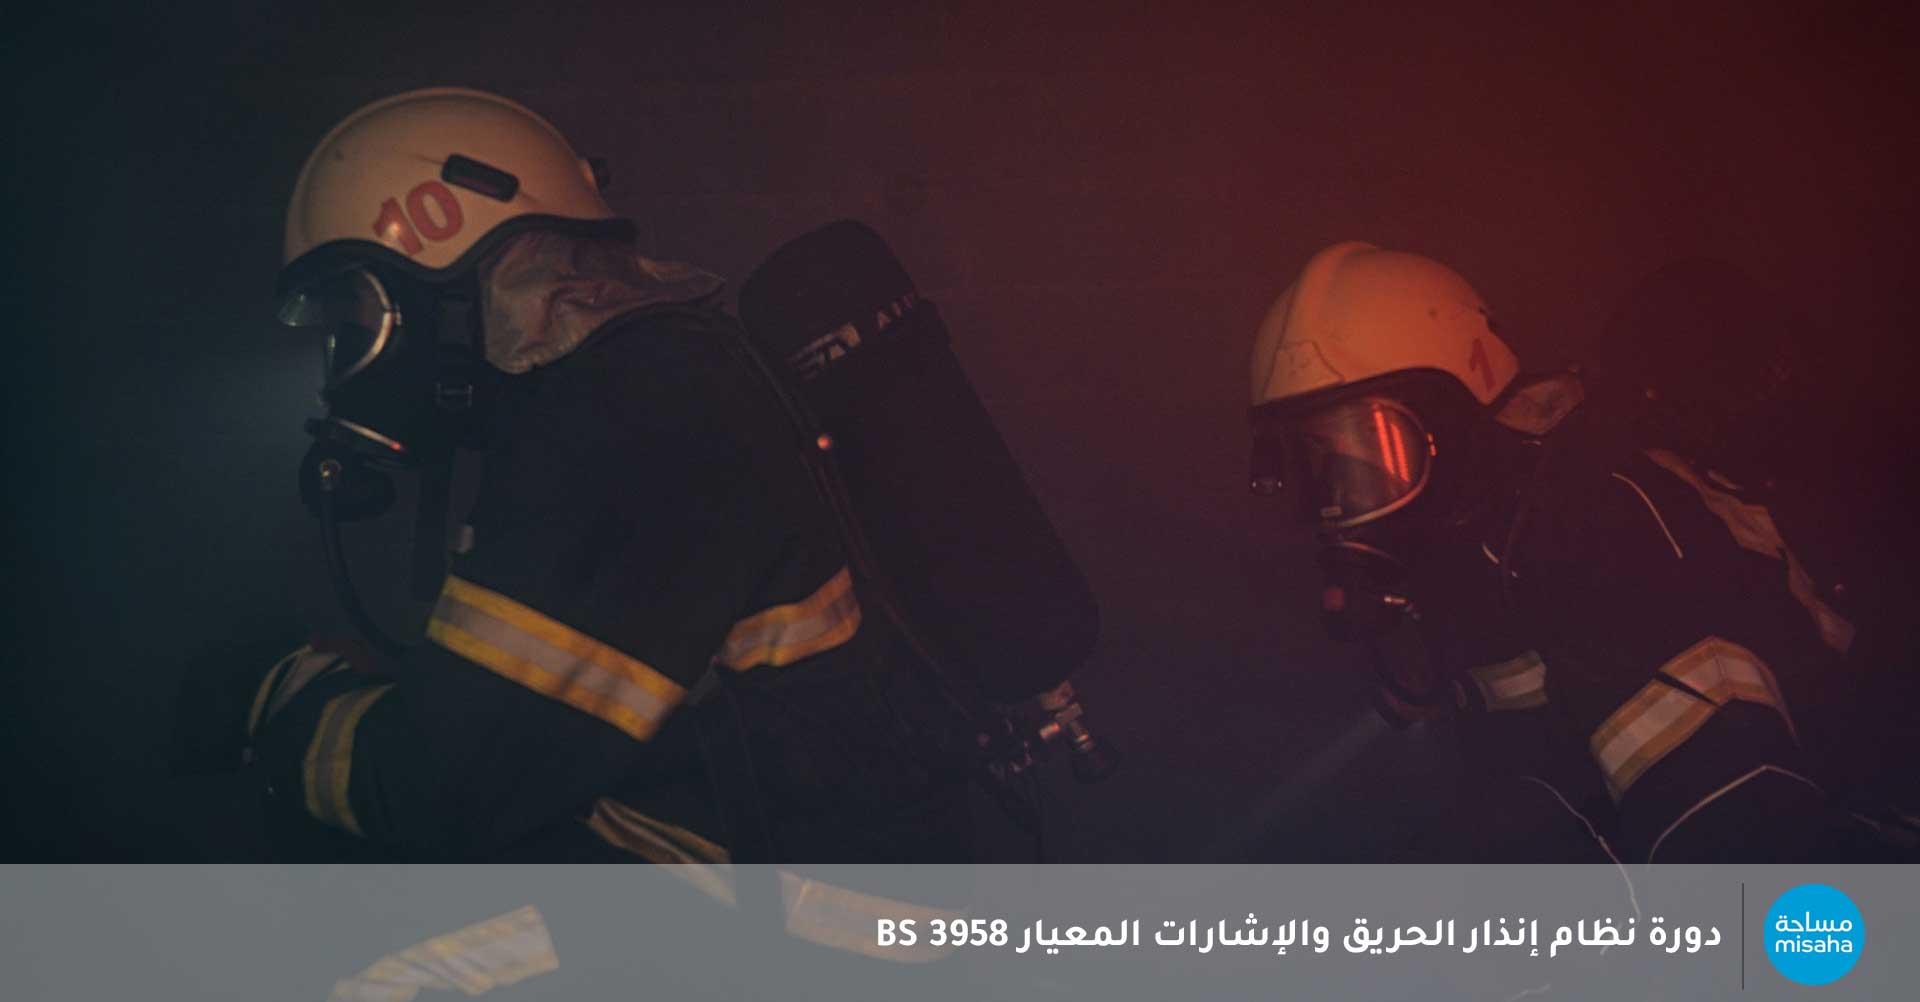 دورة نظام إنذار الحريق والإشارات المعيار BS 3958